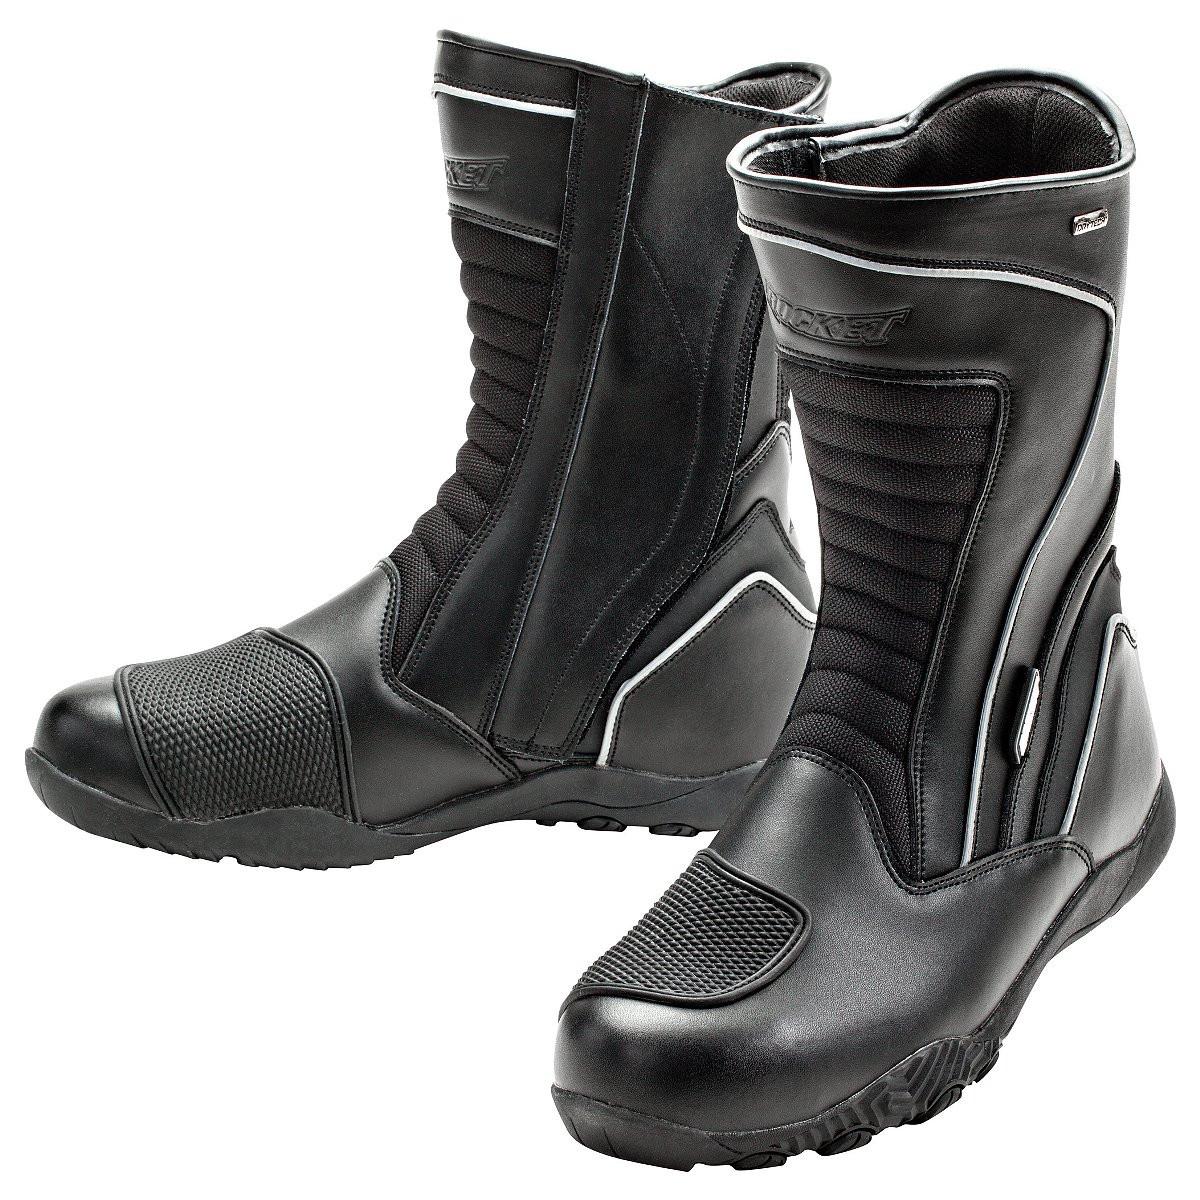 54c60f4a1f8 Joe Rocket Meteor FX Boots